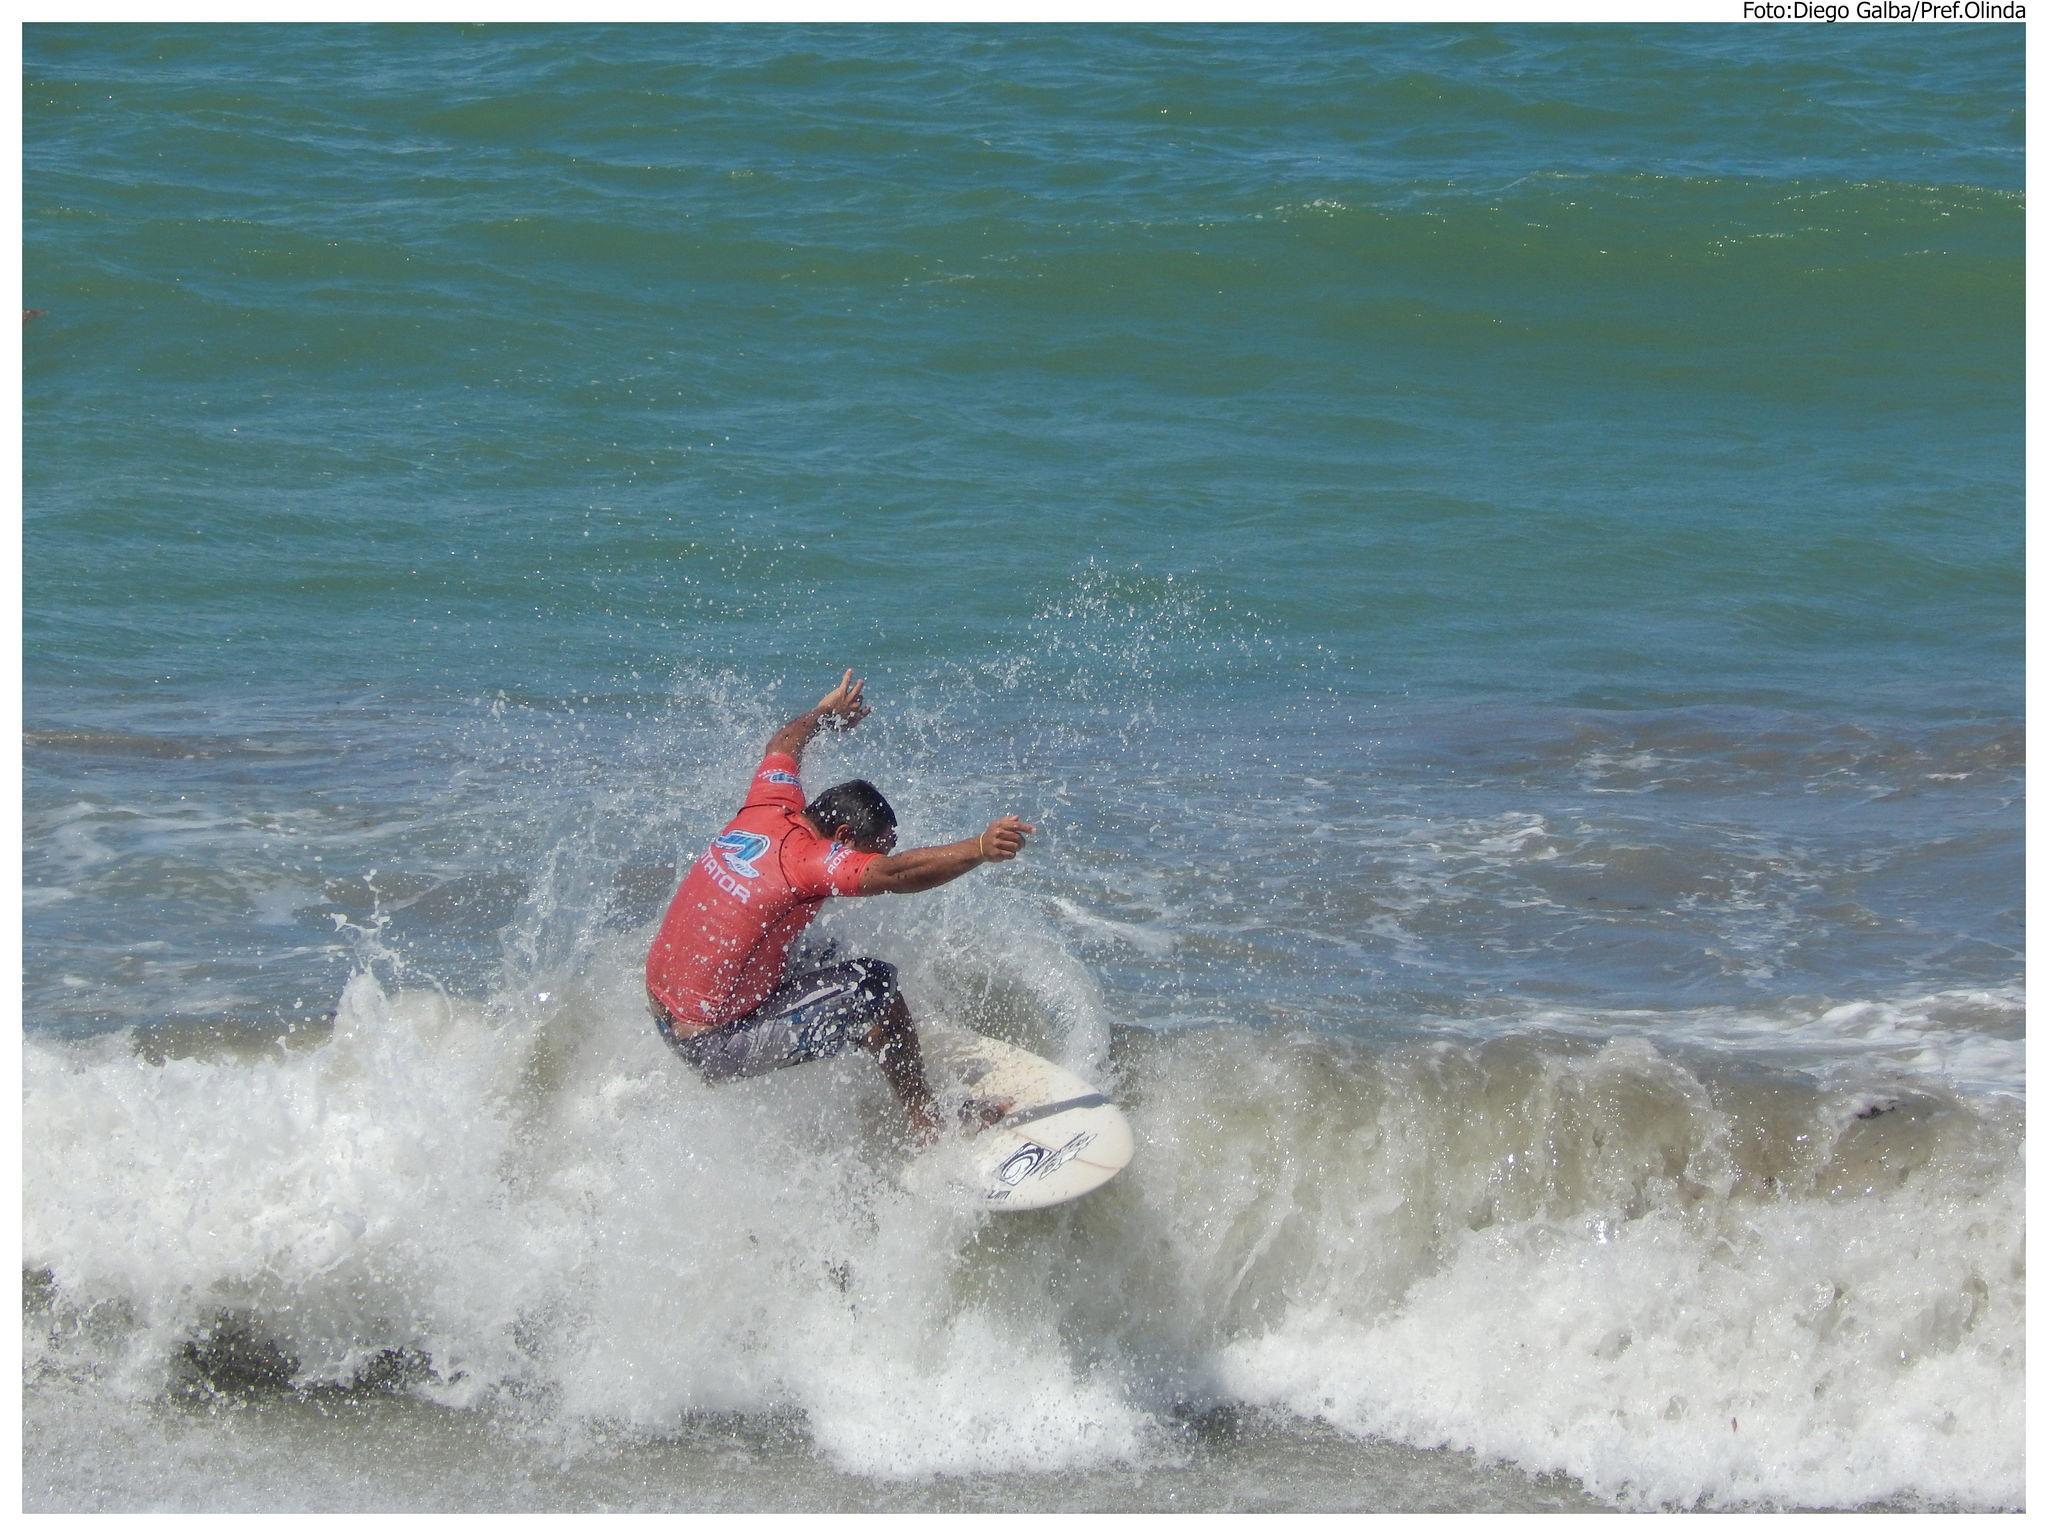 Olinda Surf 2015 acontece nos dias 29 e 30, na Praia de Zé Pequeno. Foto: Diego Galba/Pref.Olinda